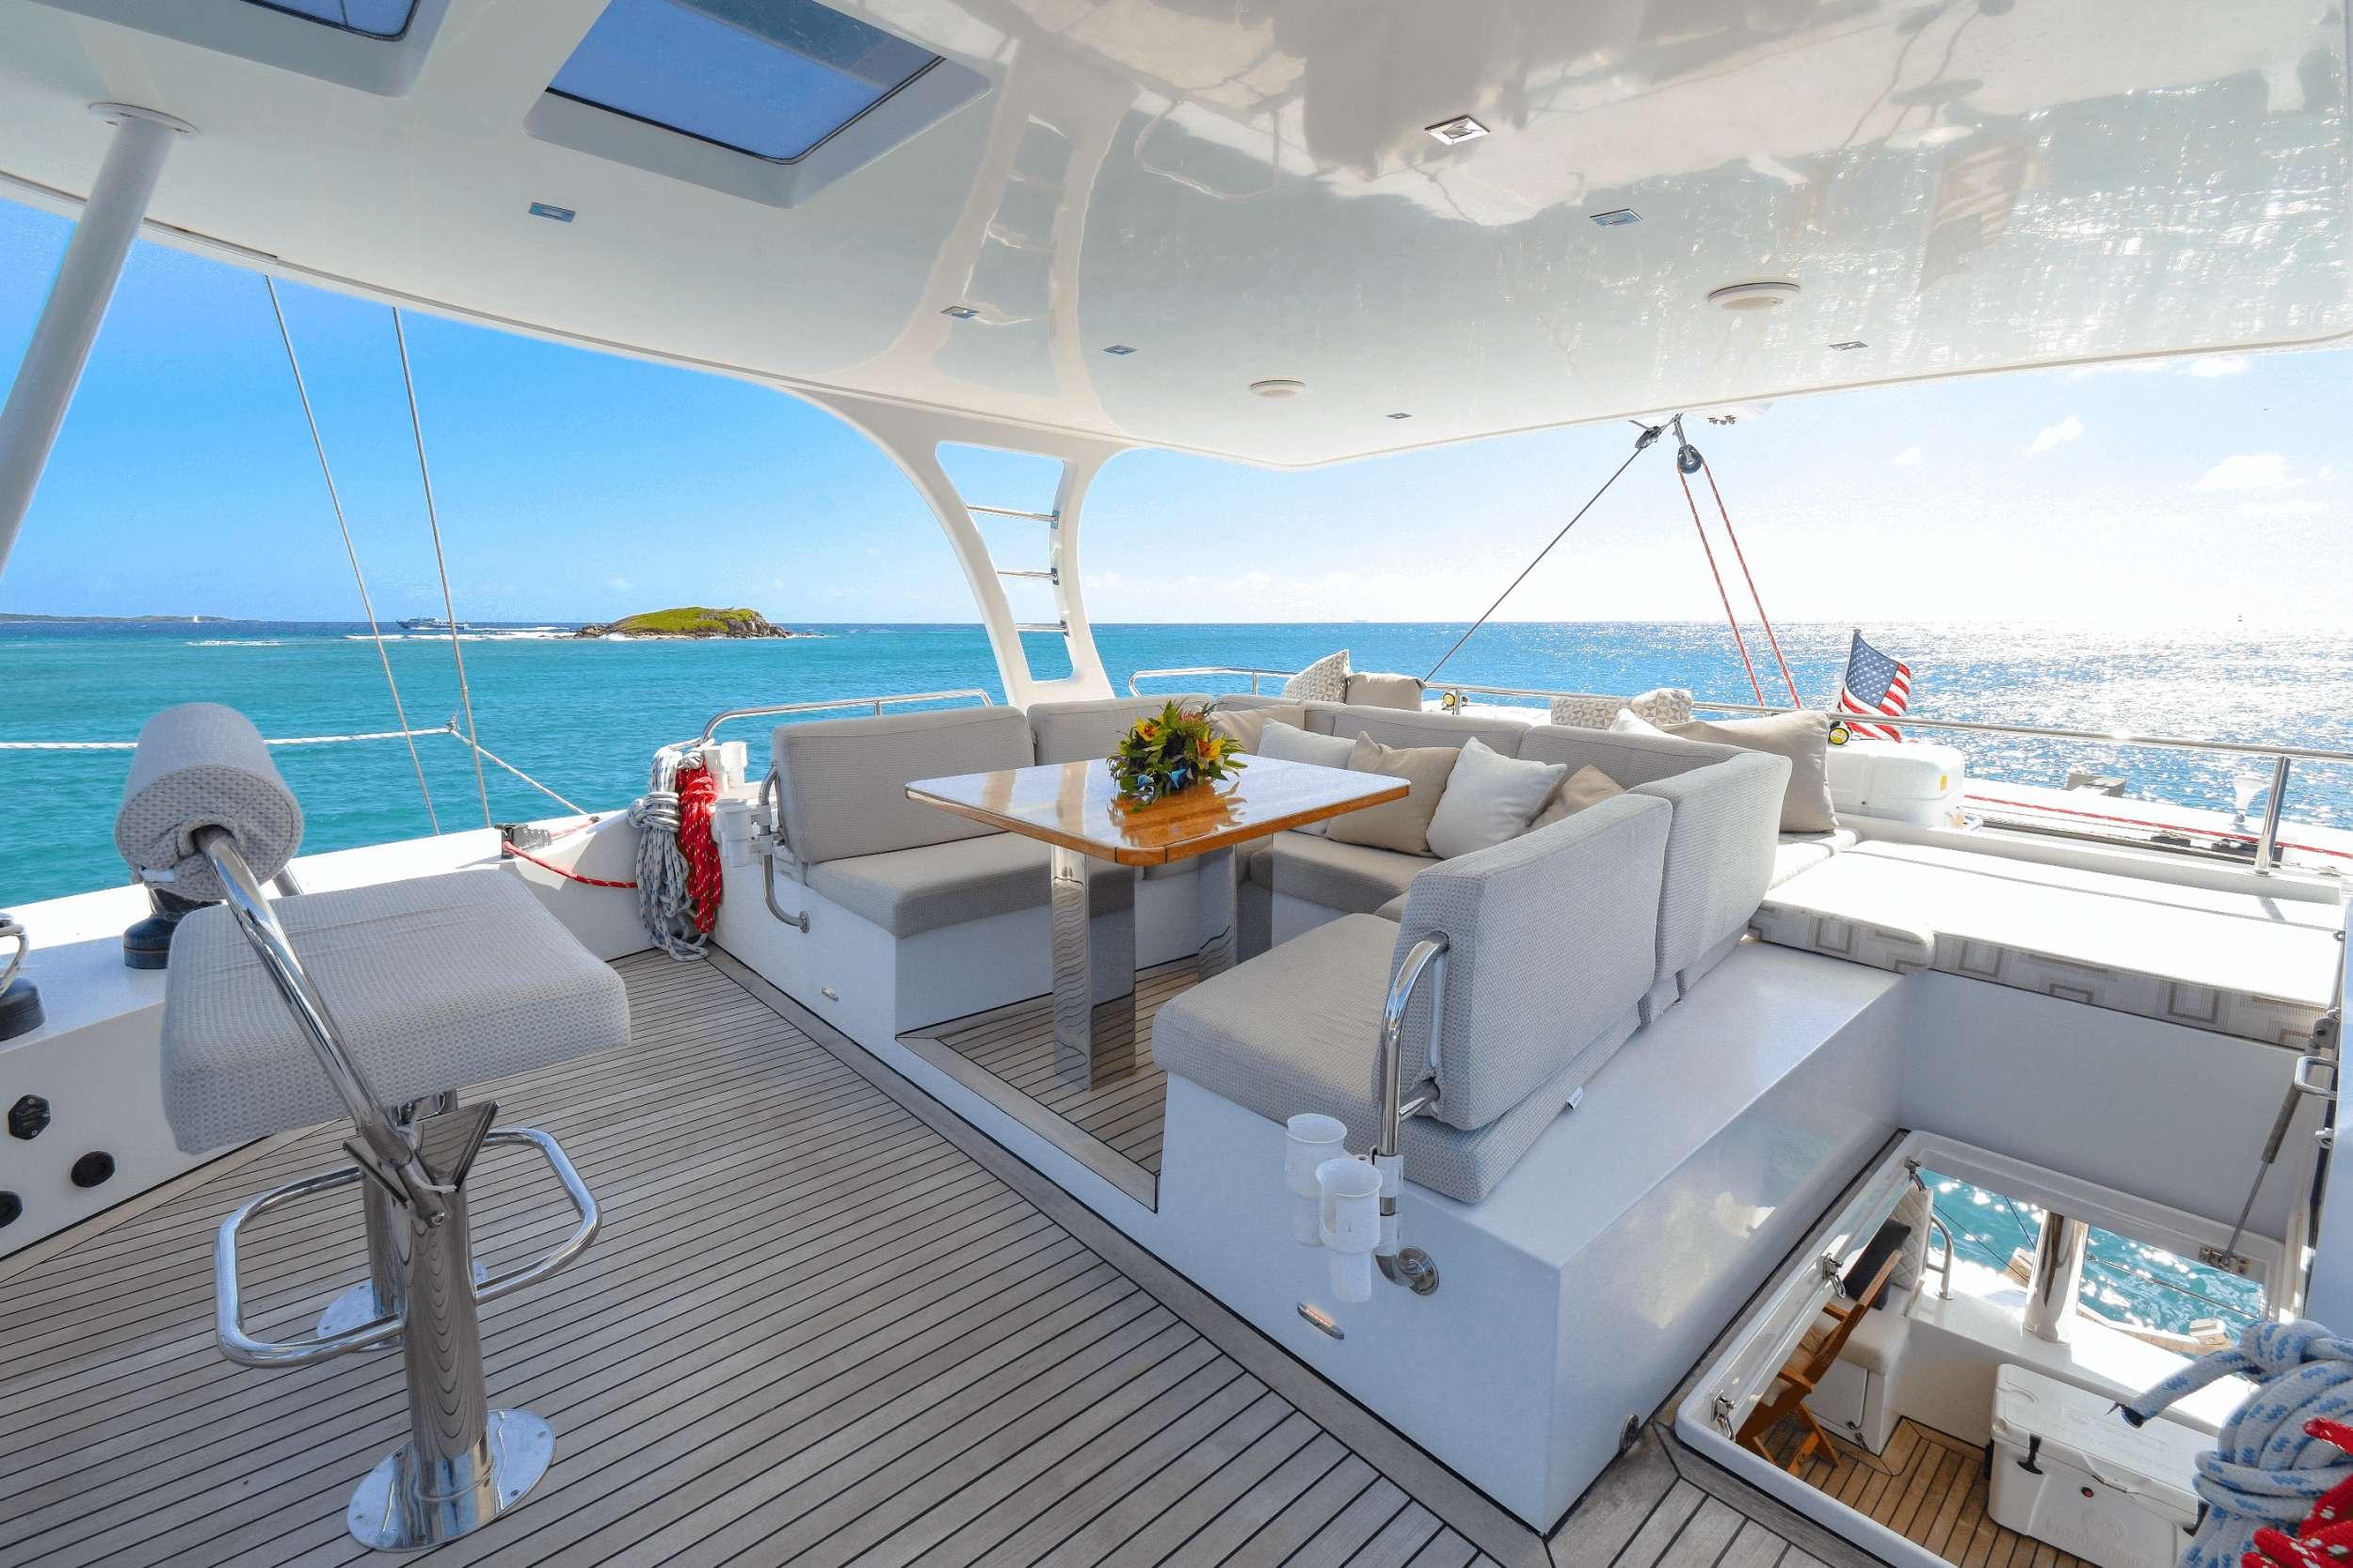 EUPHORIA 60 yacht image # 3